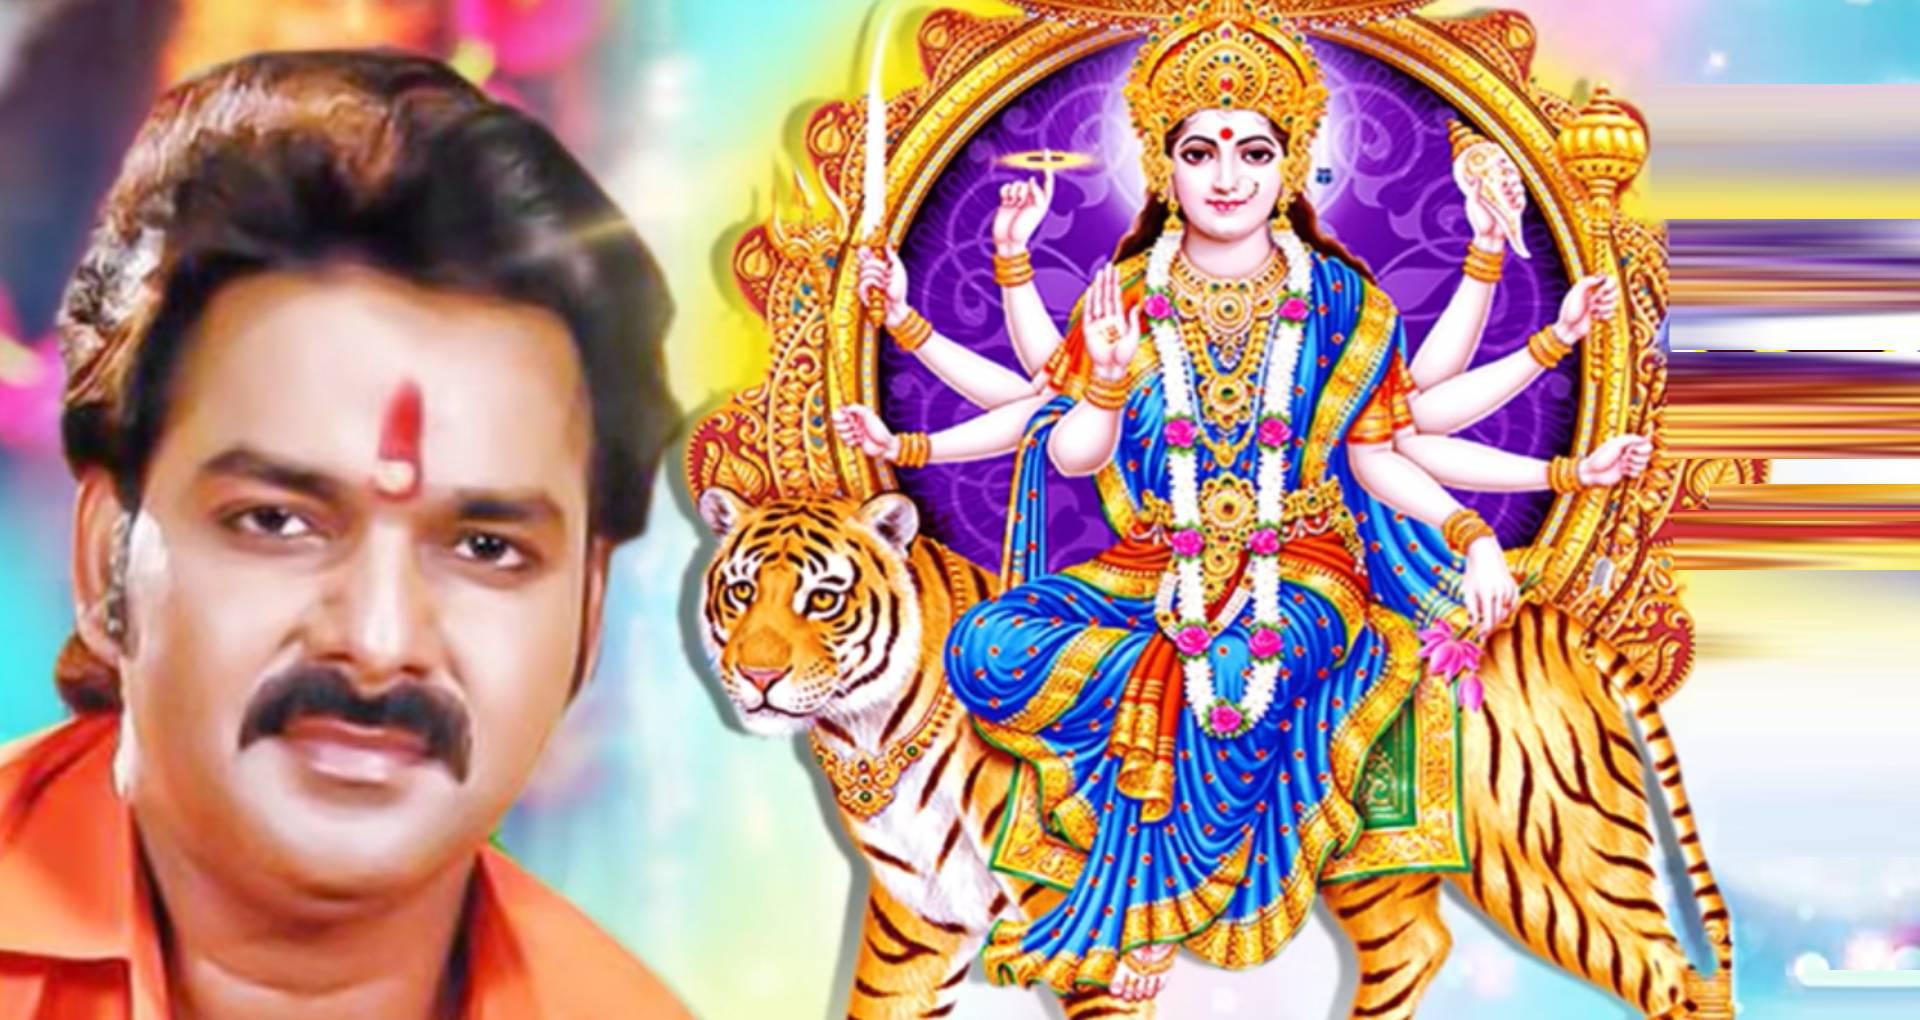 Durga Puja Ke Chanda 251 Song: दु्र्गा पूजा के लिए ये तैयारियां कर रहे हैं पवन सिंह, देखिए ये नया देवी गीत